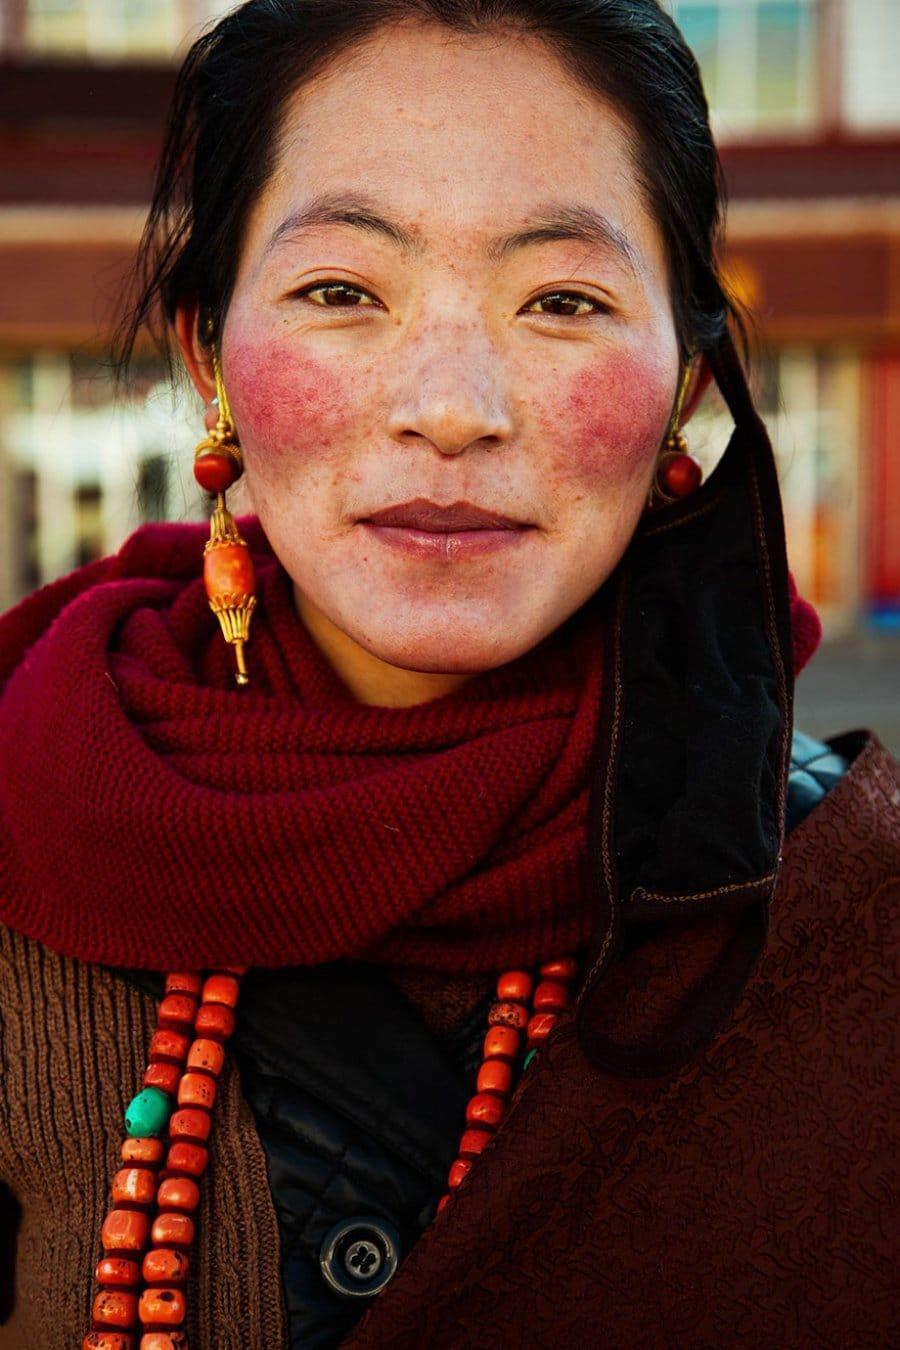 Veja a beleza das mulheres de cada país ao redor do mundo 15